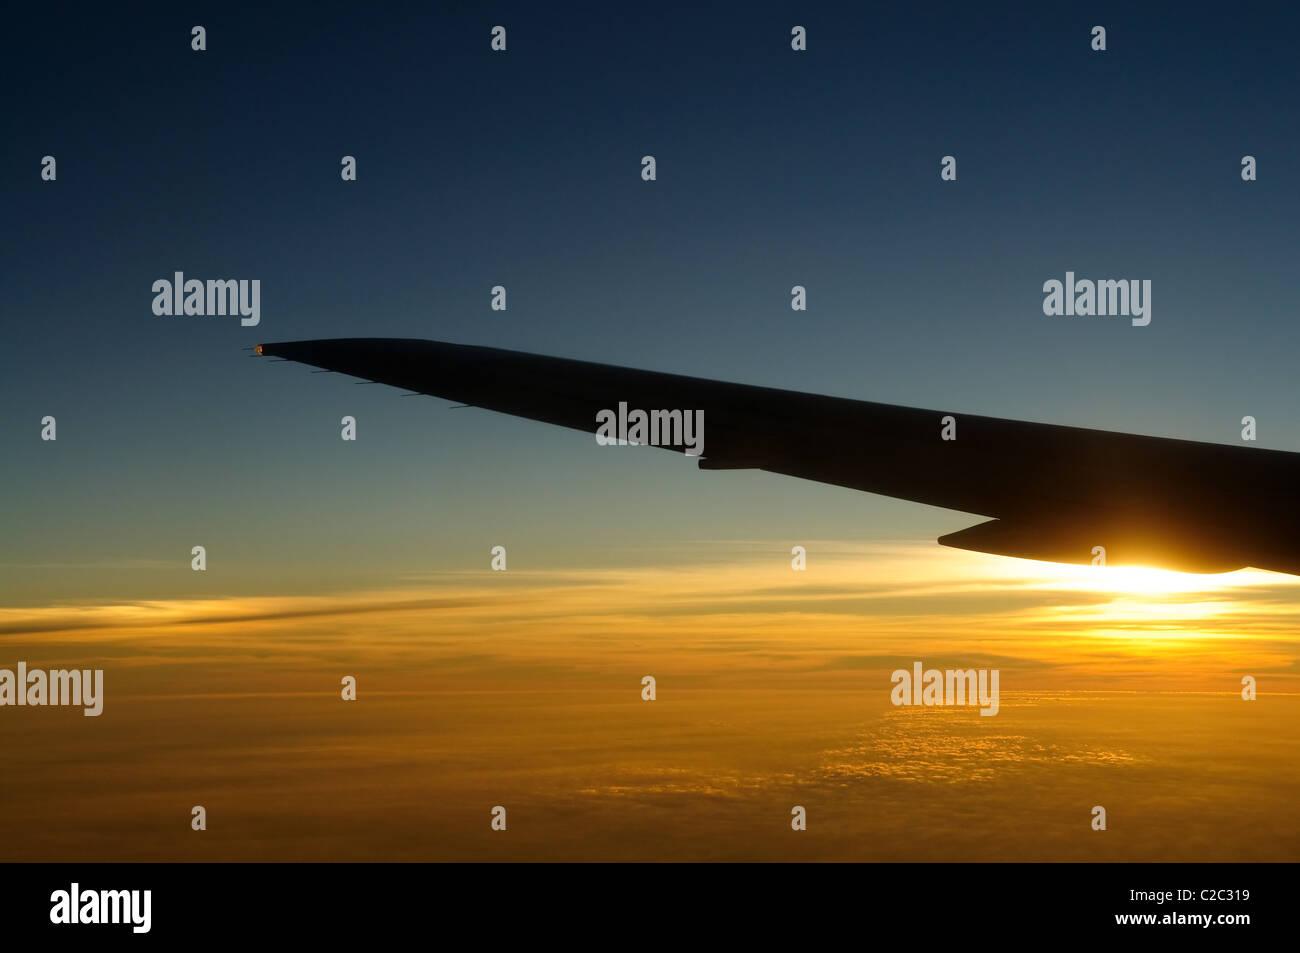 Coucher du soleil en vertu de l'aile d'avion skyline Photo Stock